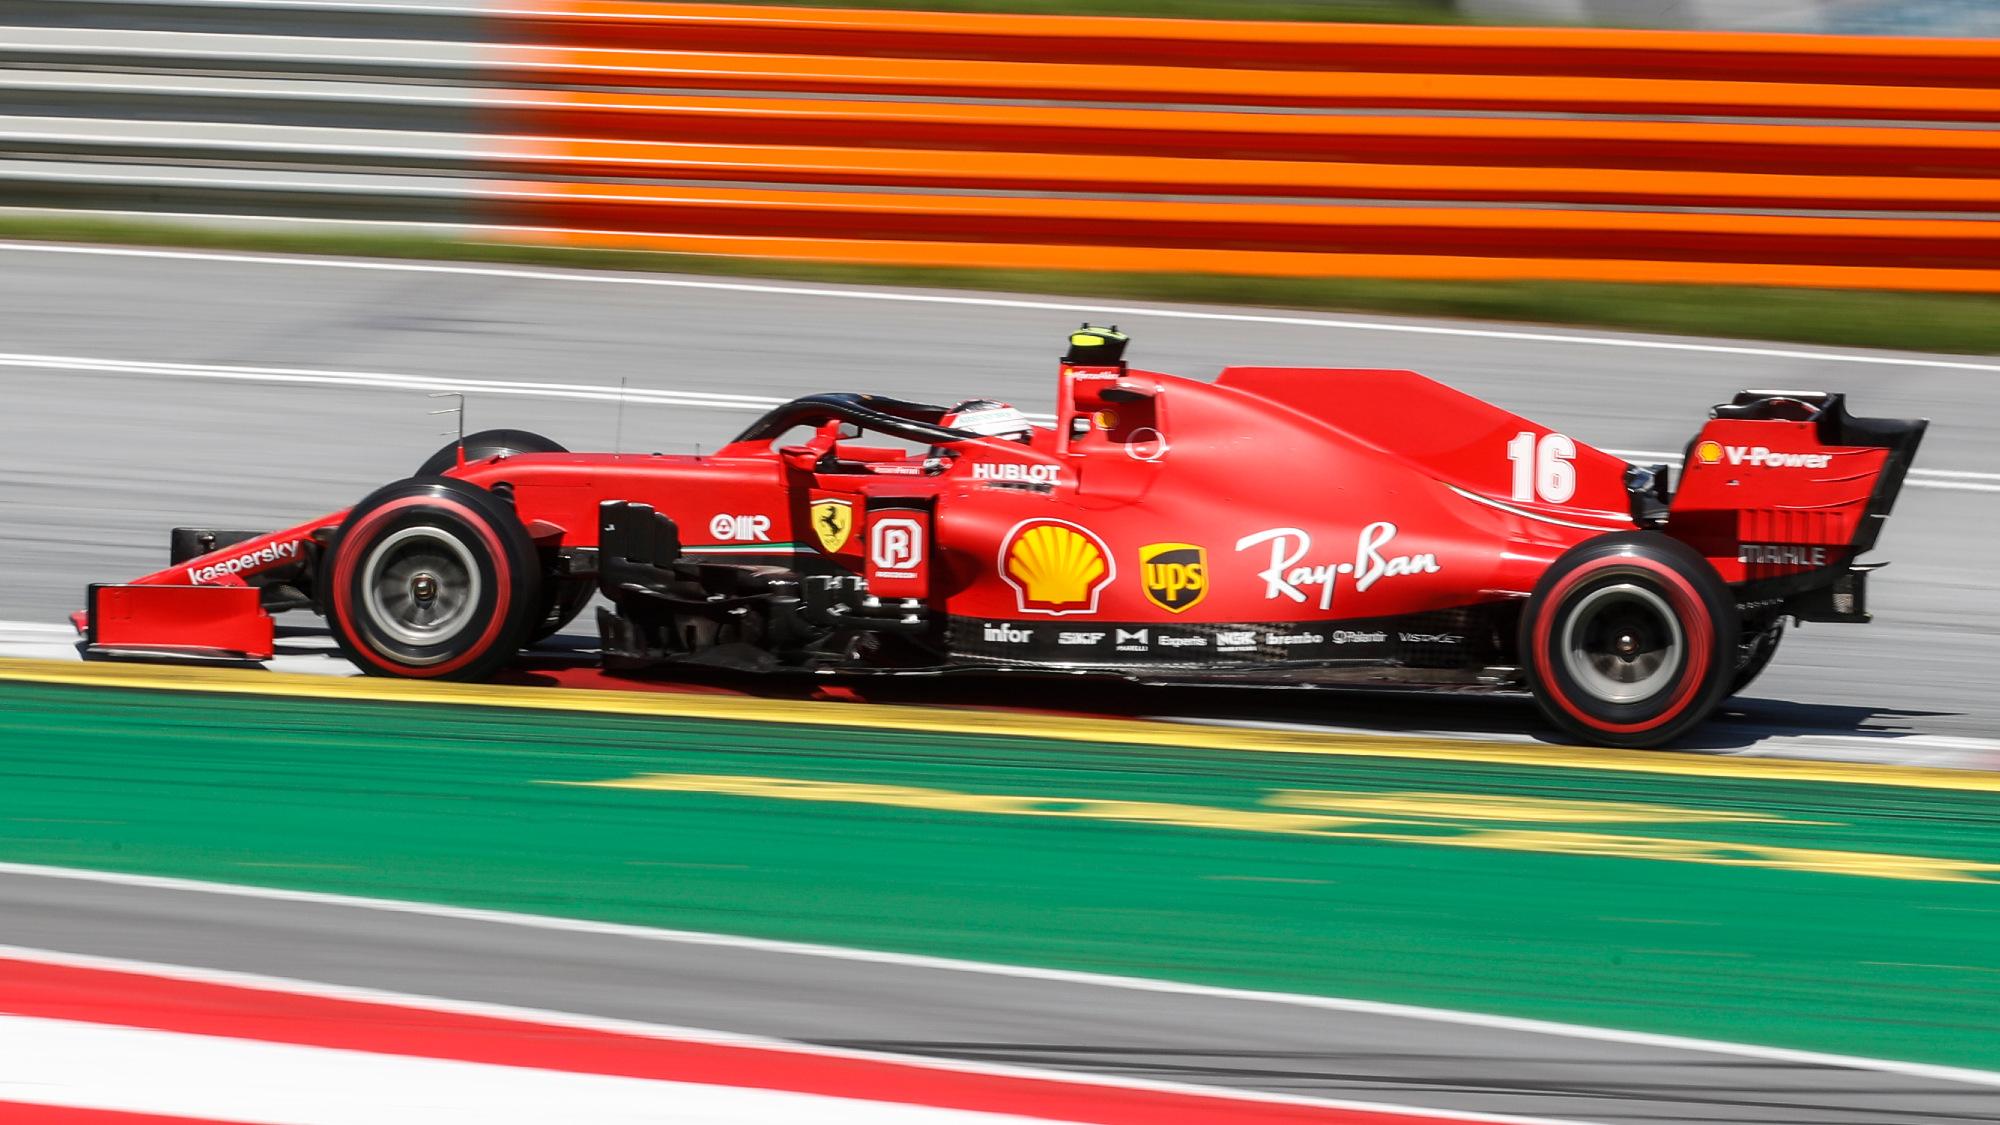 Charles Leclerc, 2020 Austrian GP